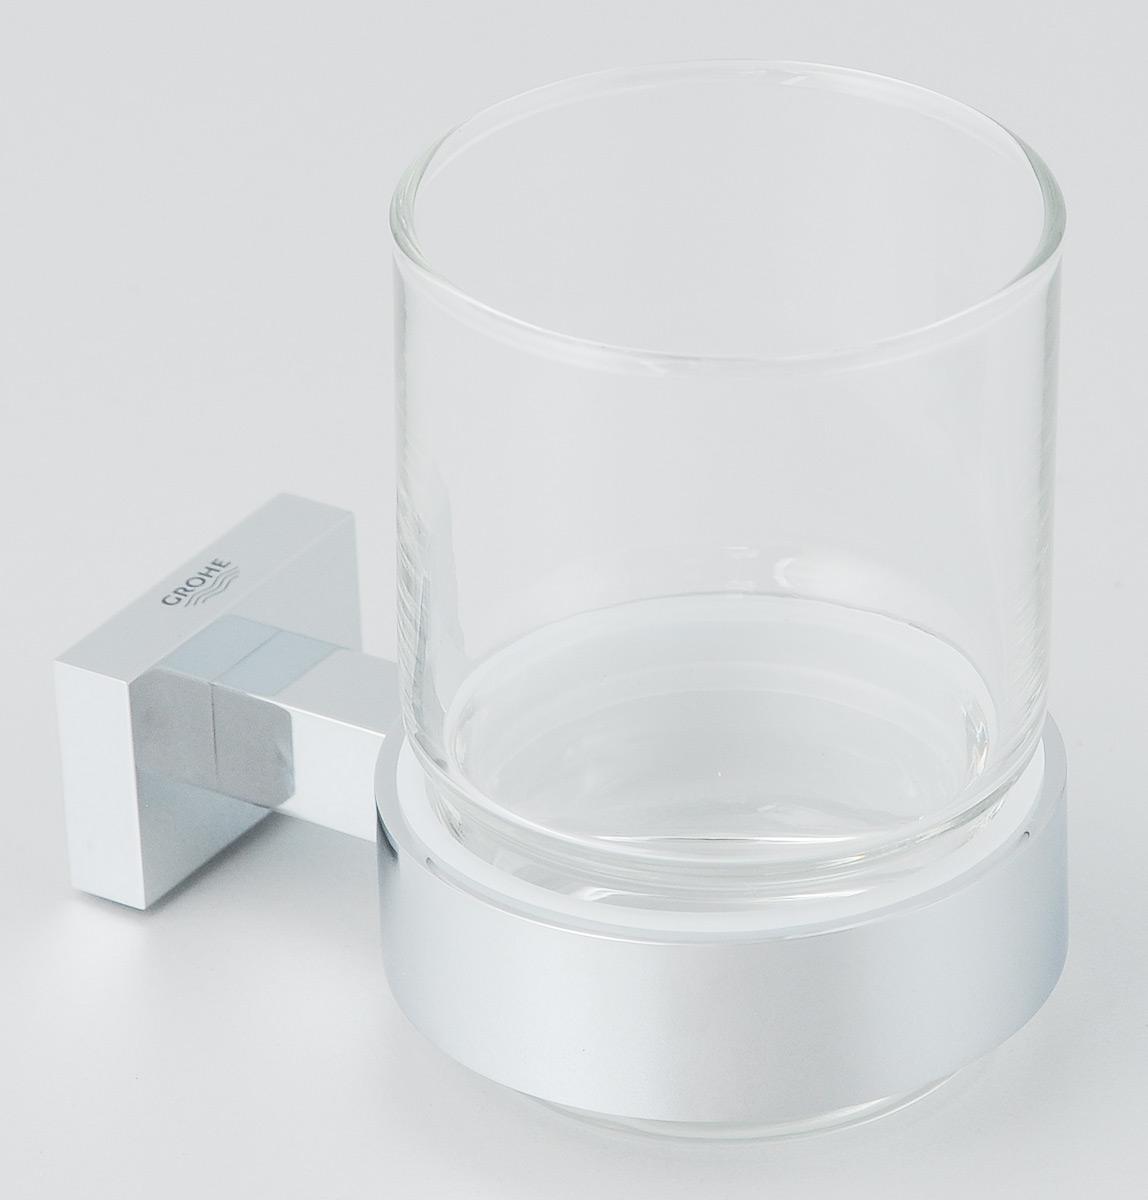 """Стакан с держателем Grohe """"Essentials Cube"""" очень практичен  и функционален. Стакан выполнен из толстого стекла.  Держатель изготовлен из металла с хромированным  покрытием. Благодаря специальной технологии Grohe  StarLight покрытие обеспечивает сияющий блеск на  протяжении всего срока службы. Кроме того, оно отталкивает  грязь, не тускнеет и обладает высокой степенью  износостойкости. Стакан крепится к стене (крепежные  элементы поставляются в комплекте). Крепление скрытое.  Благодаря неизменно актуальному дизайну и долговечному  хромированному покрытию, такой стакан отлично дополнит  интерьер ванной комнаты, воплощая собой изысканный стиль  и превосходное качество. Диаметр стакана: 7 см.  Высота стакана: 9,5 см. Размер (с держателем): 11 х 7 х 9,5 см."""